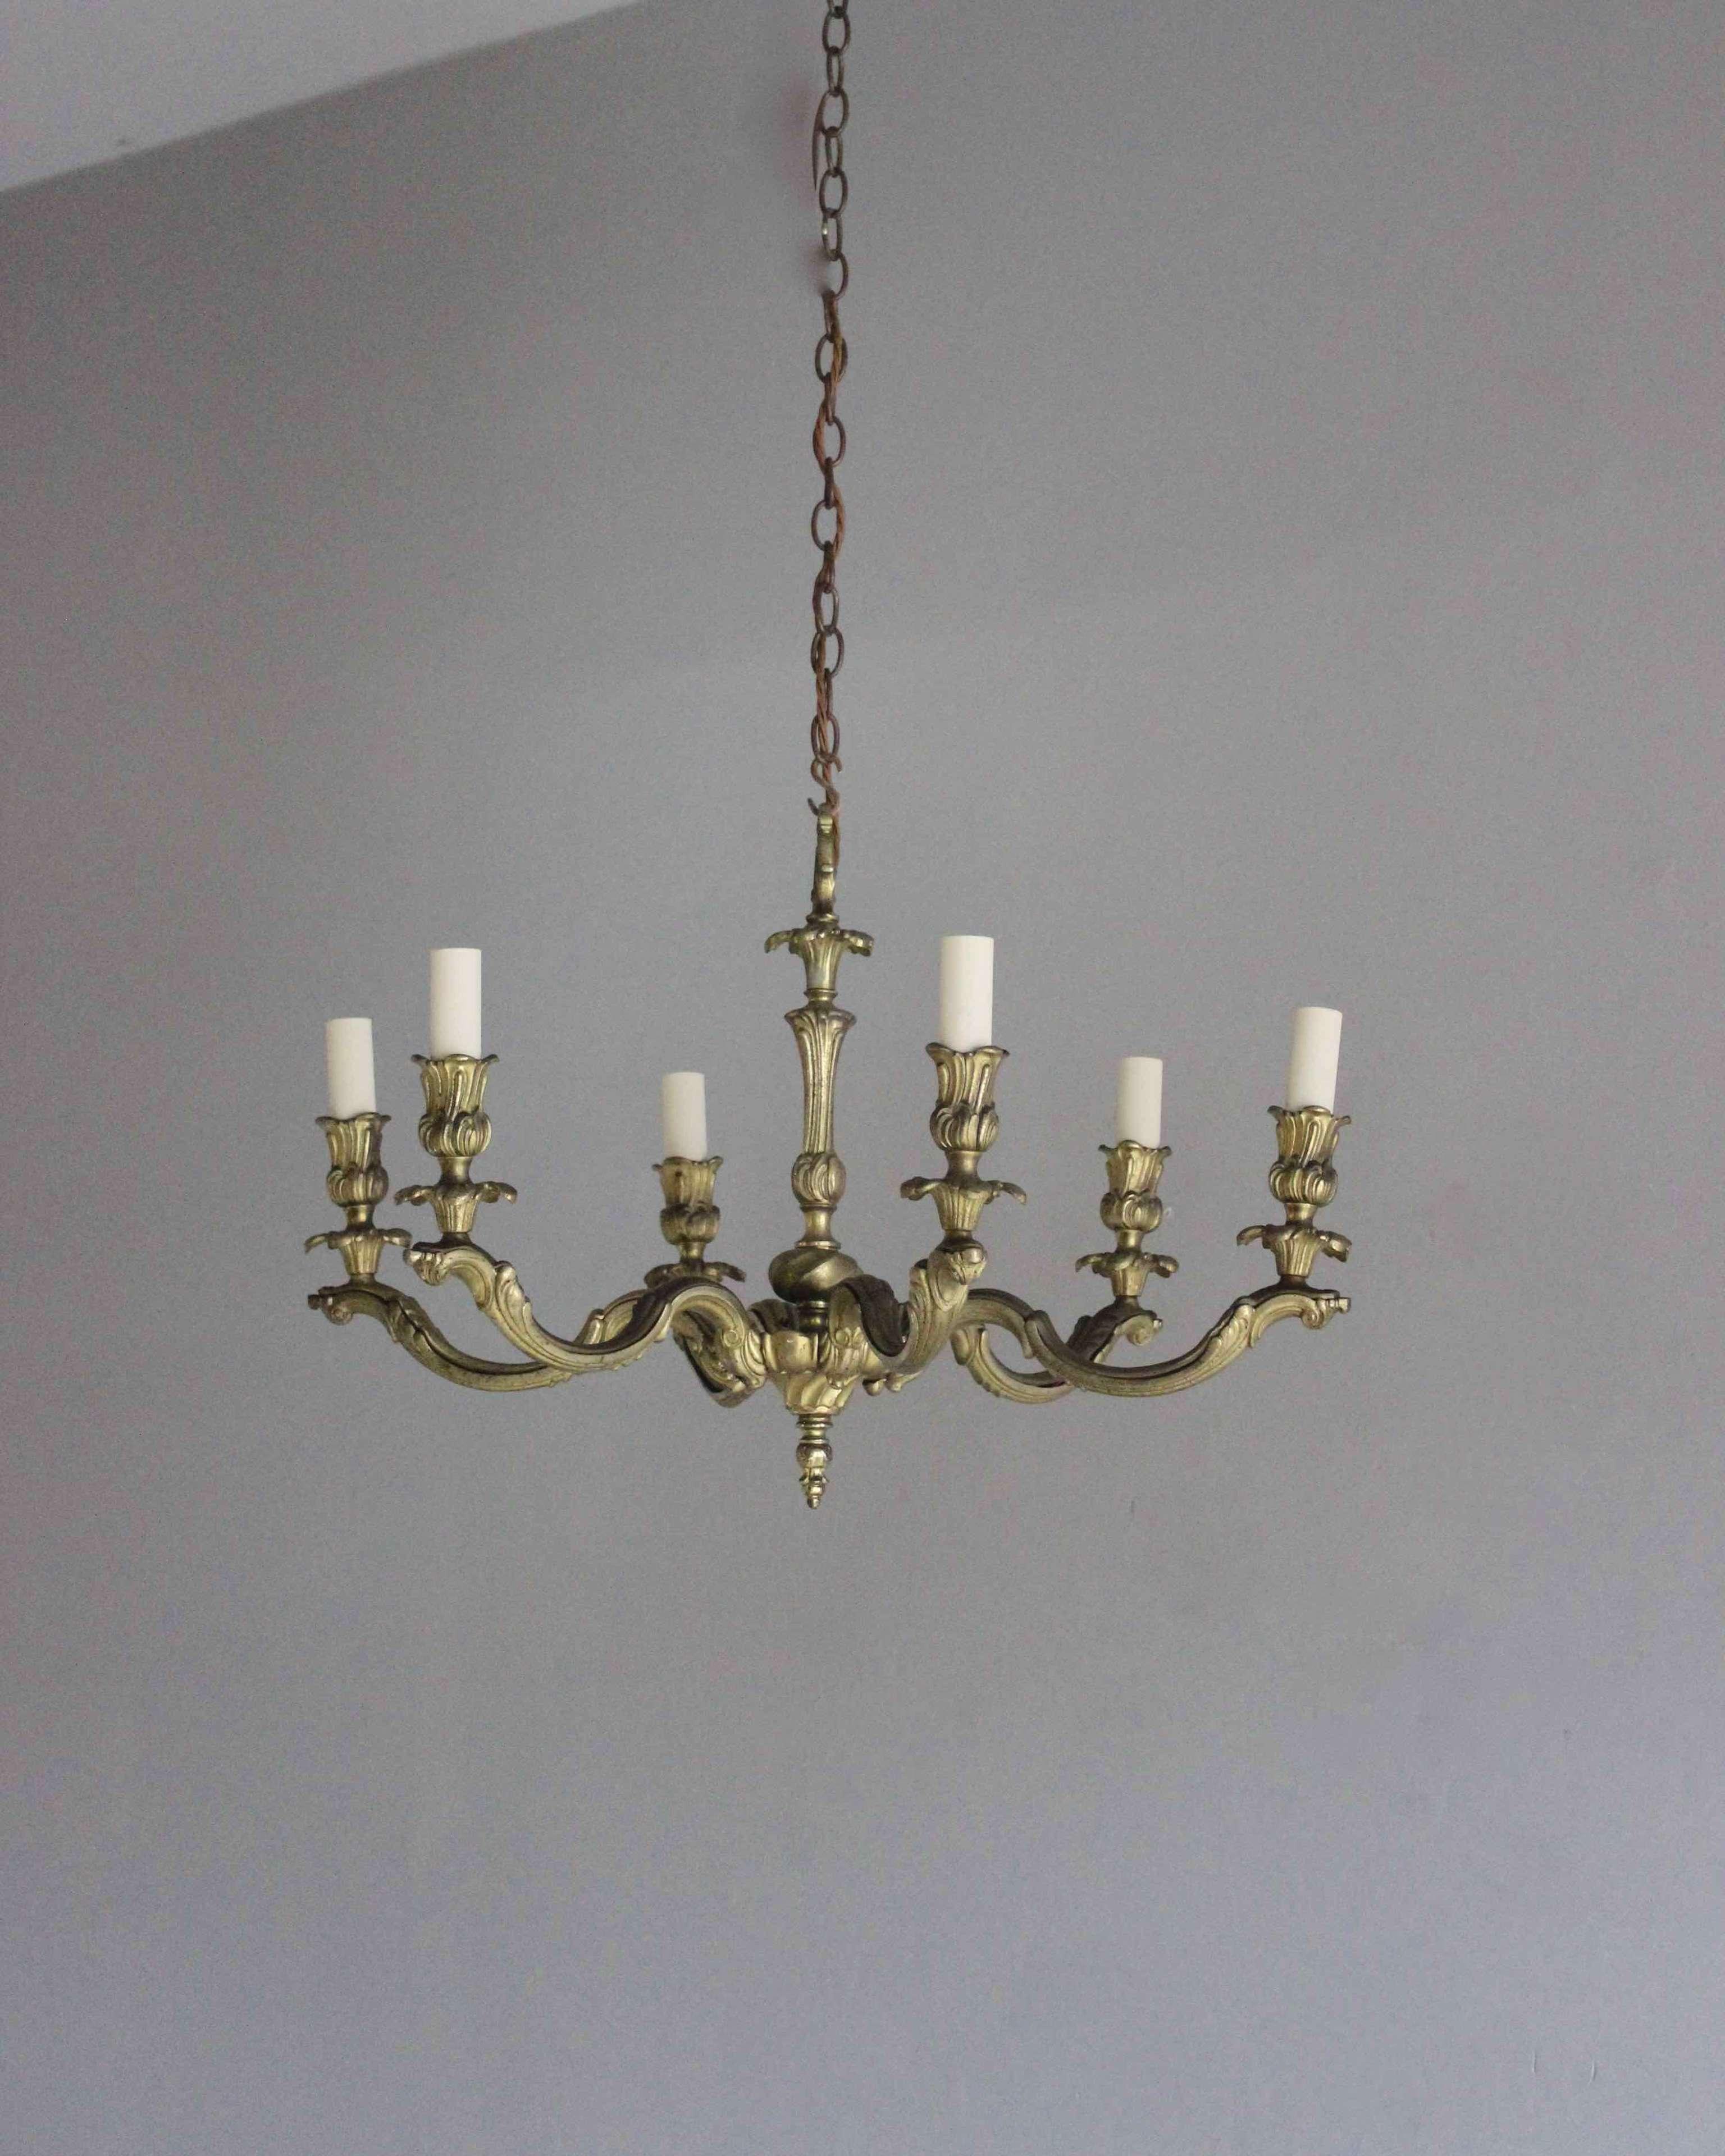 Gilded brass antique chandelier